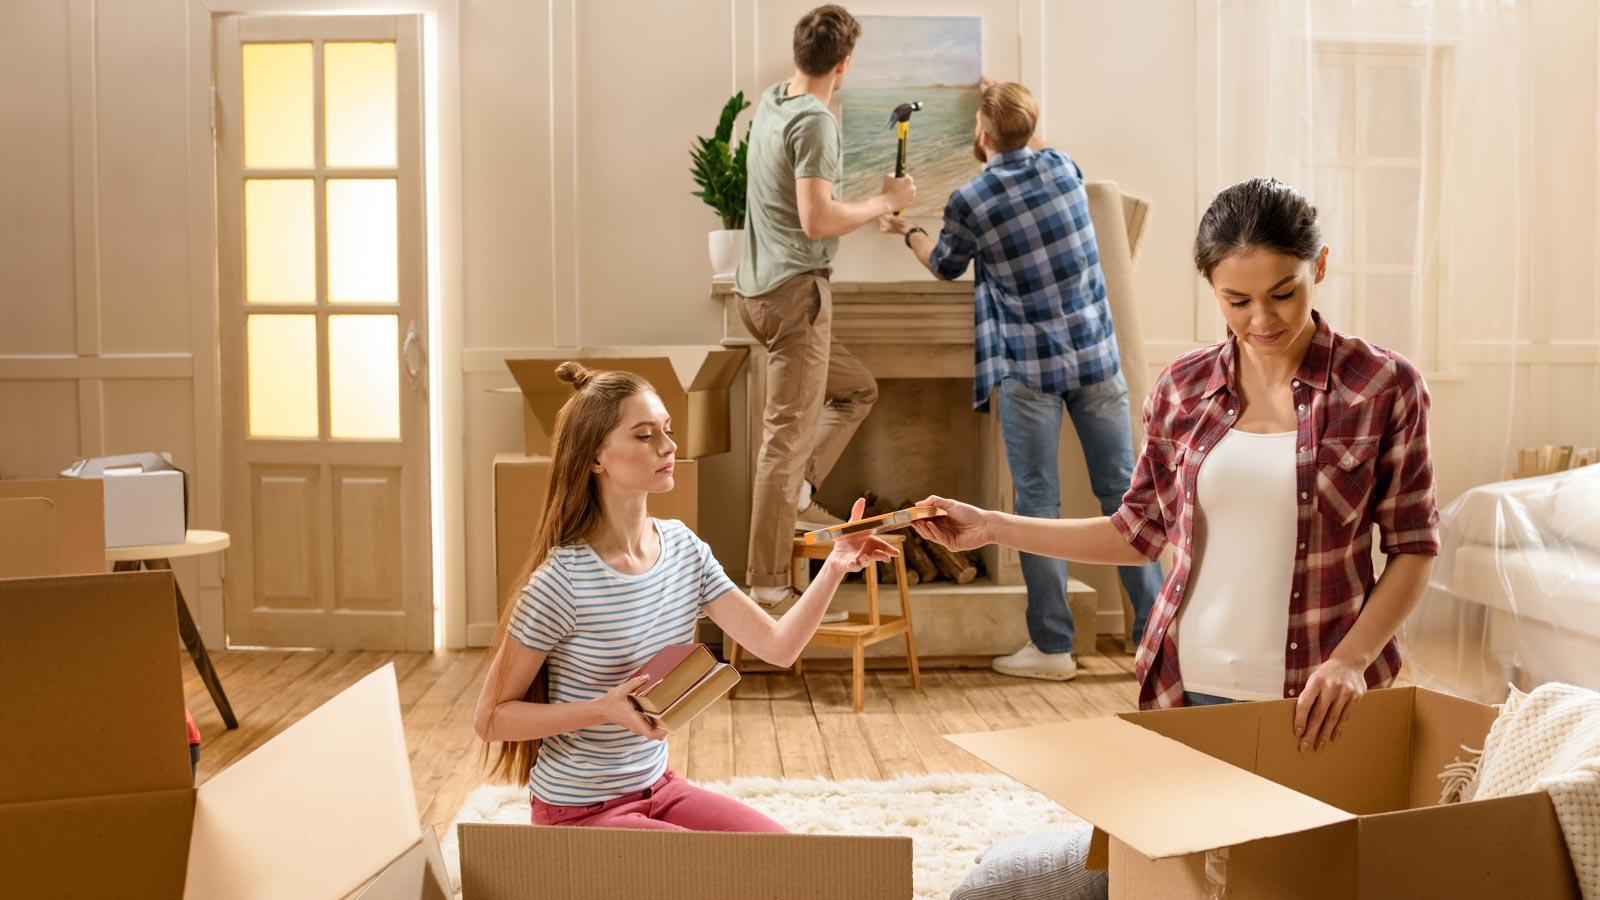 Freunde helfen sich beim Umzug: Zwei junge Frauen packen Bücher iin Karton, zwei junge Männer hängen ein Bild an die Wand.